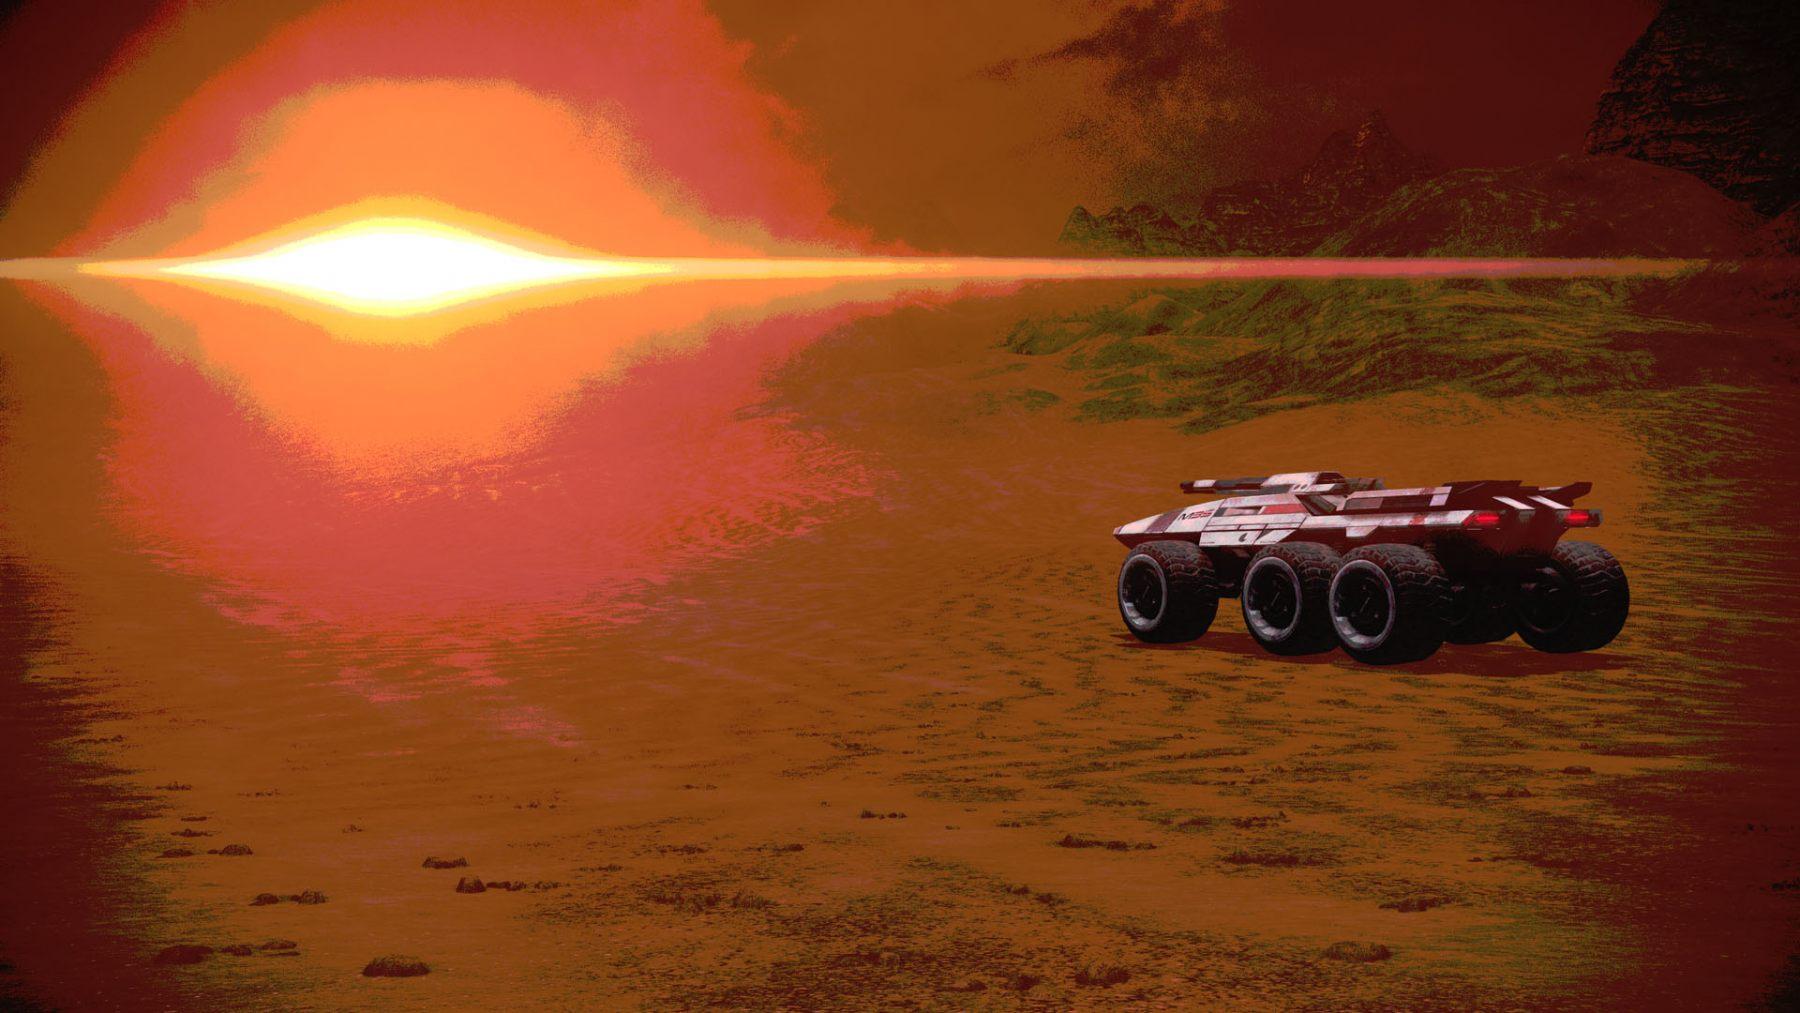 Mass-Effect-Lens-Flare